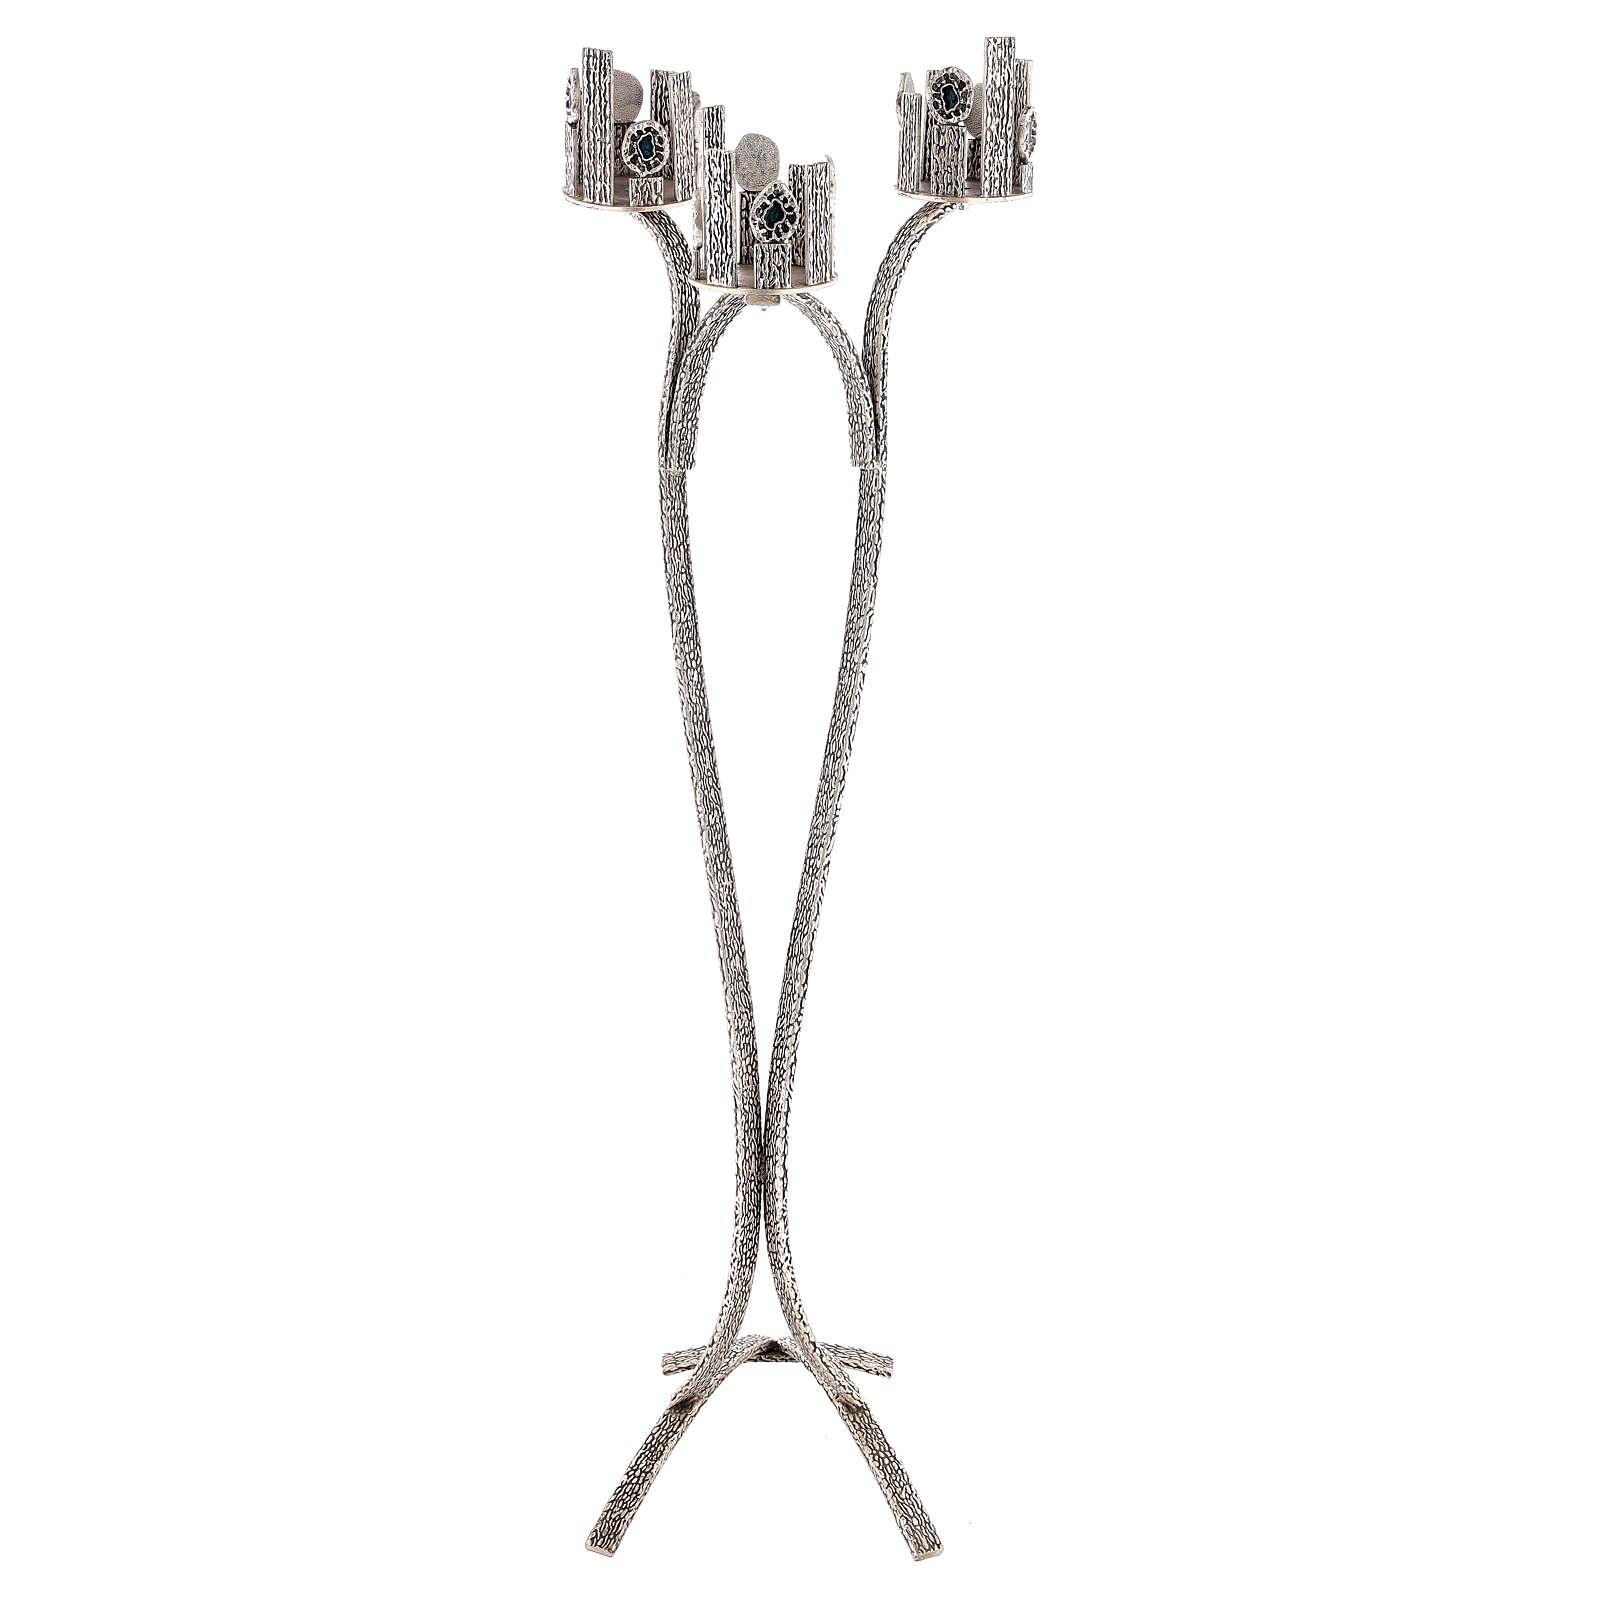 Suporte para três lâmpadas Santíssimo Sacramento, altura 110 cm 4